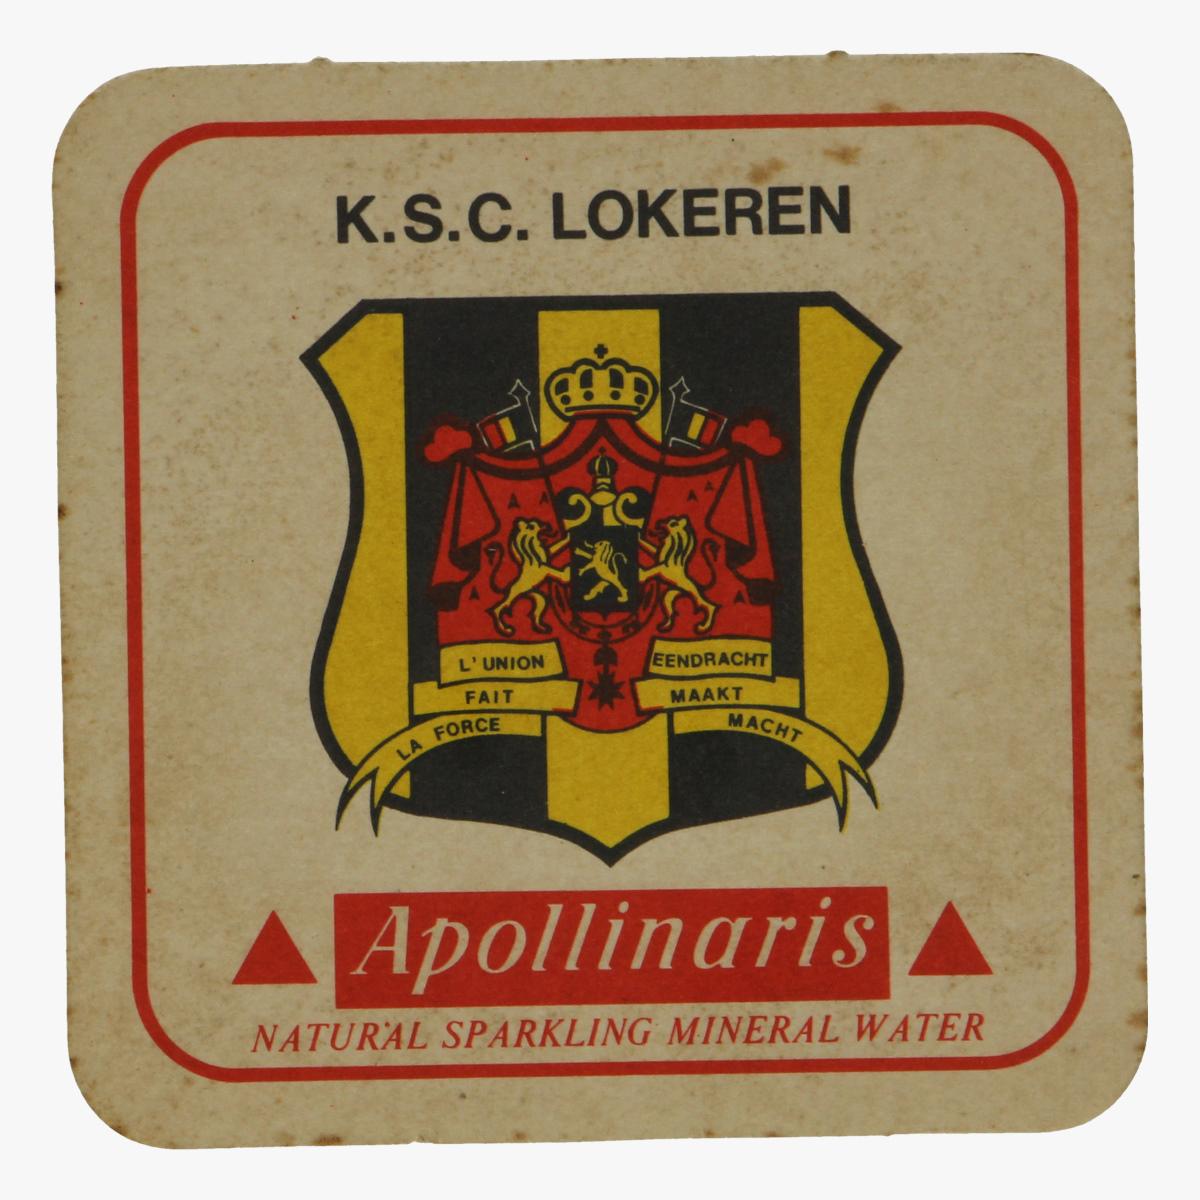 Afbeeldingen van bierkaartje k.s.c. lokeren apollinaris